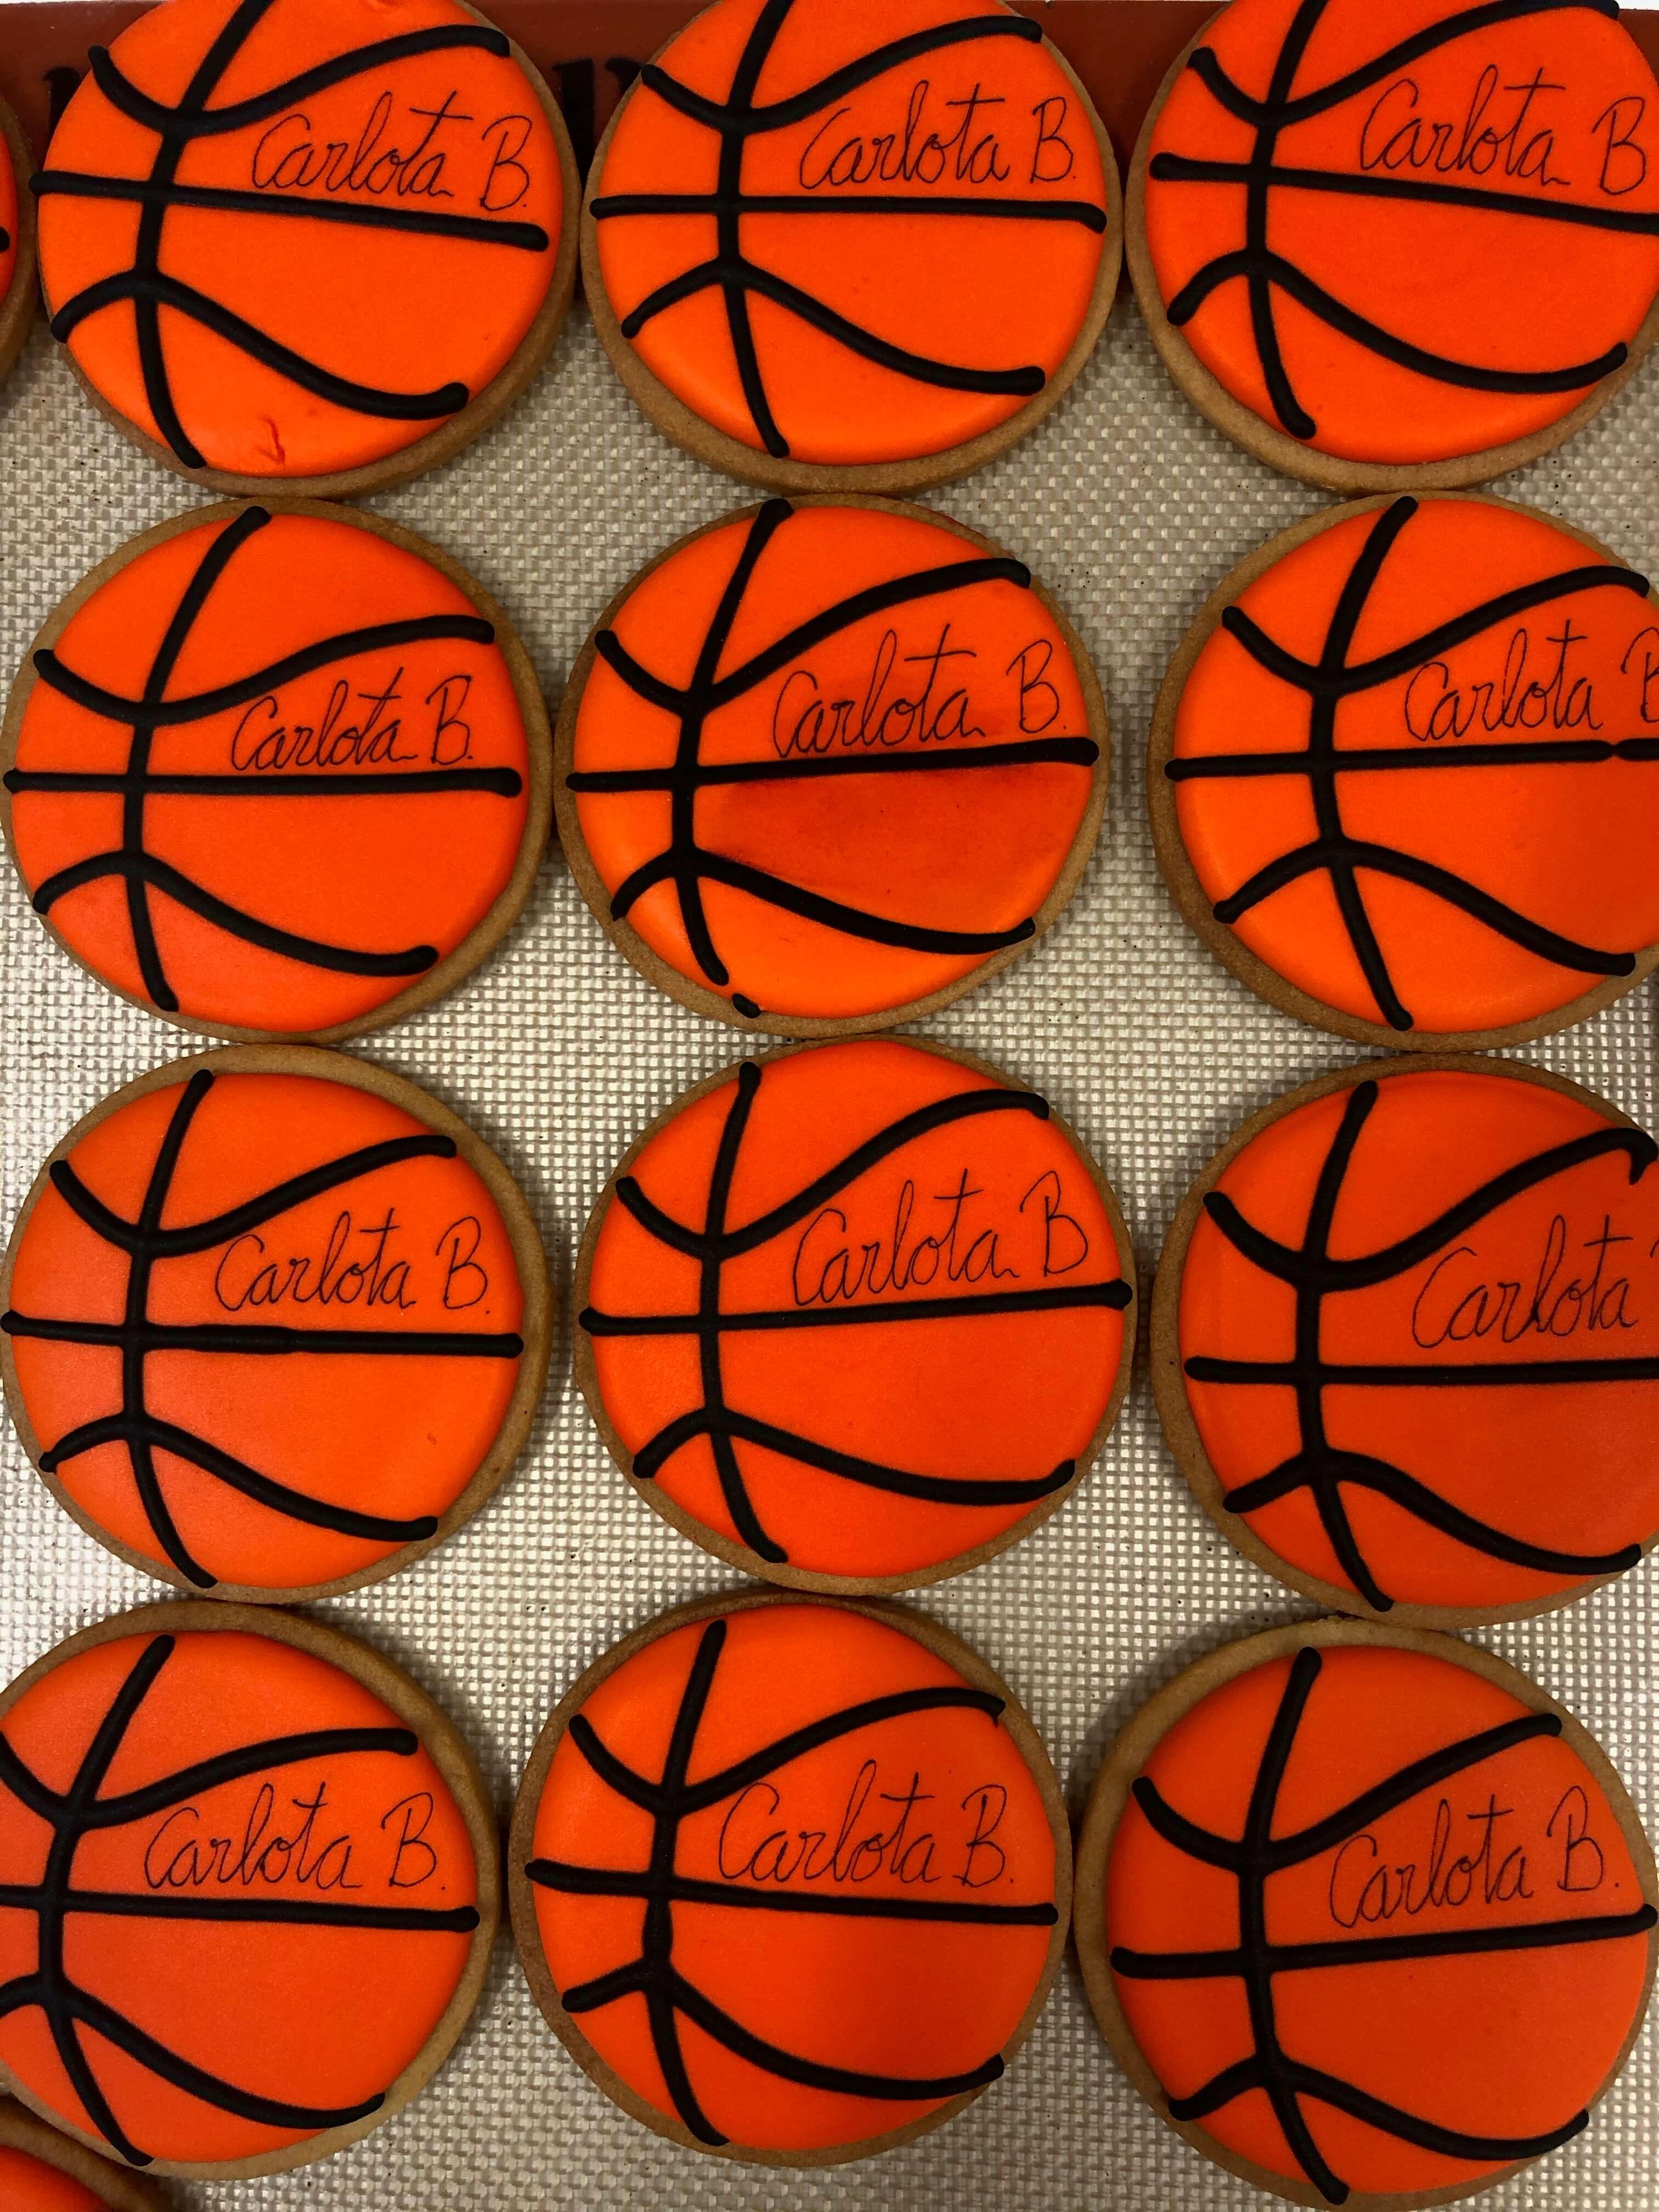 Galletas pelotas  balón baloncesto coruña